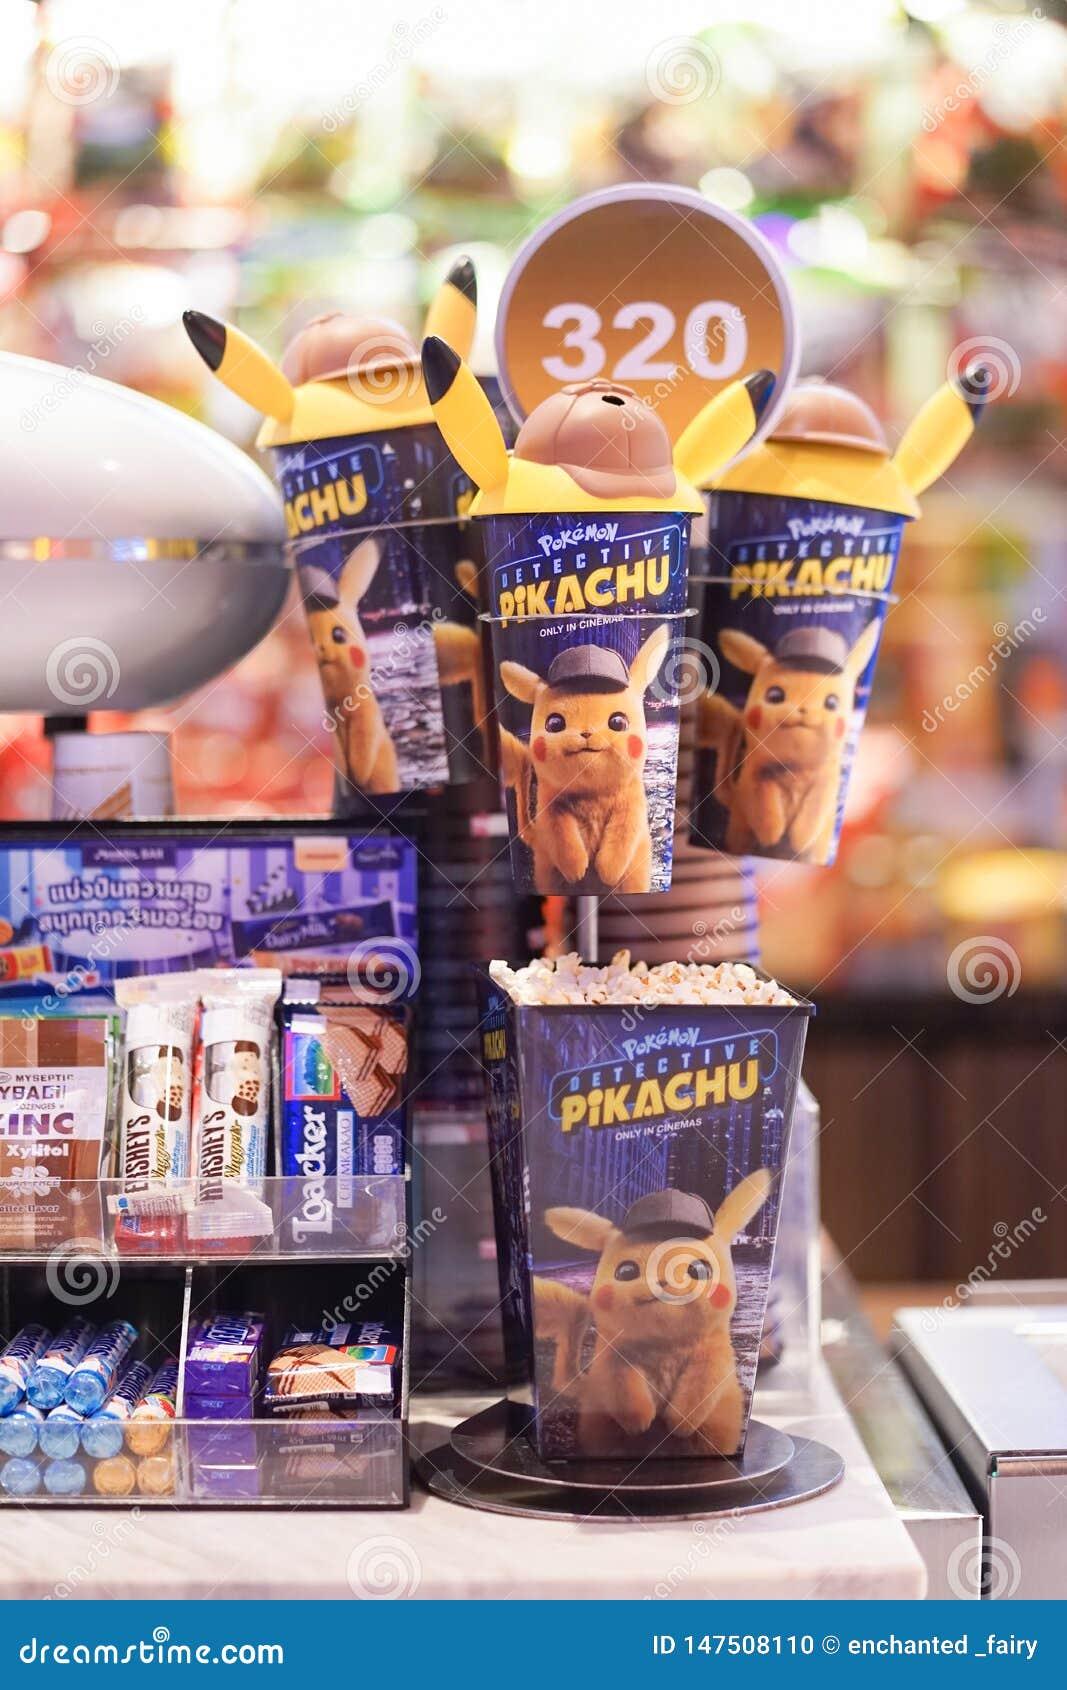 BKK - Maj 12, 2019: Fotografia Pokemon detektywa Pikachu filmu promocyjne rzeczy popkornu & miękkiego napoju zbiornika sprzedawan